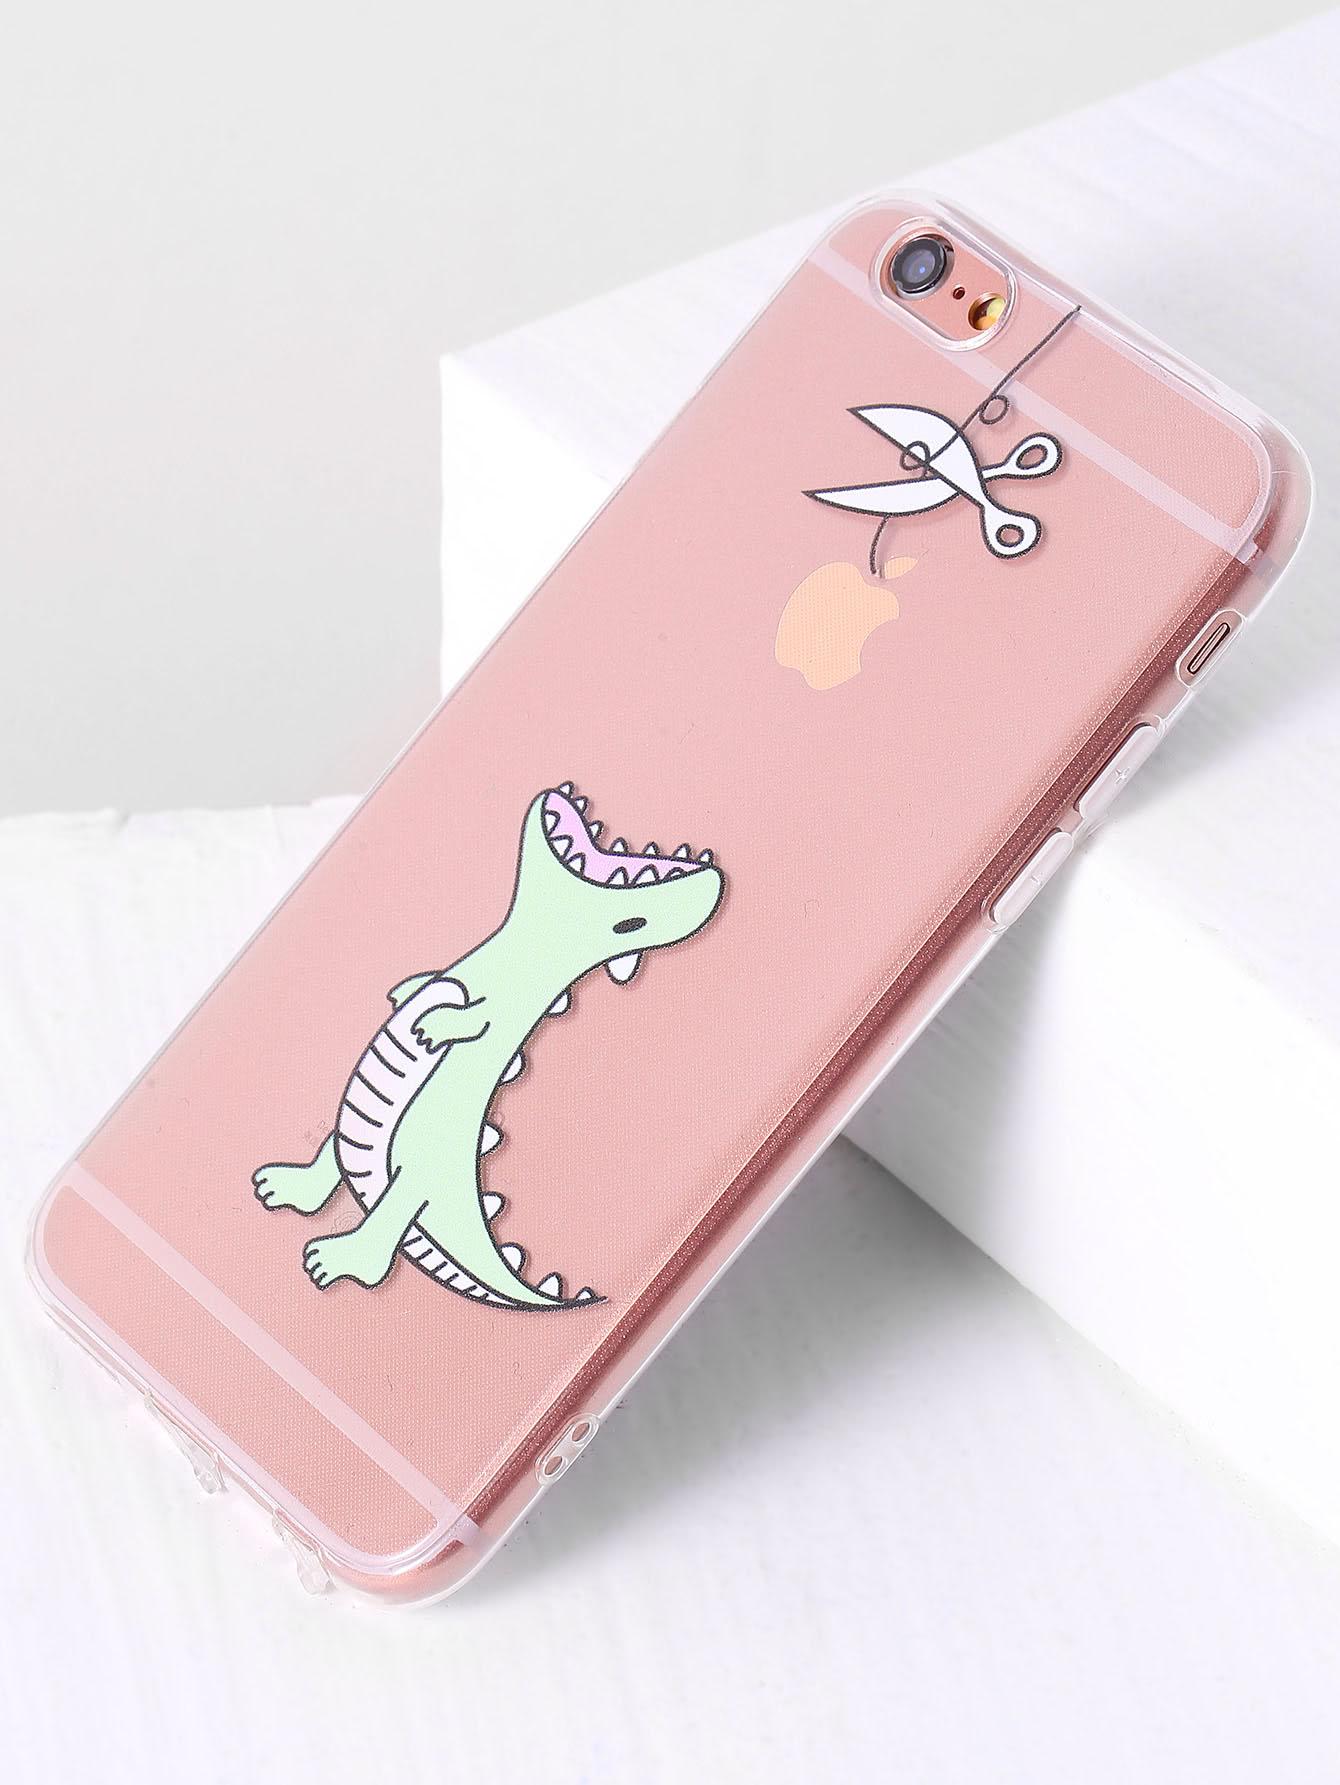 Dinosaur Print Cute iPhone Case -SheIn(Sheinside)